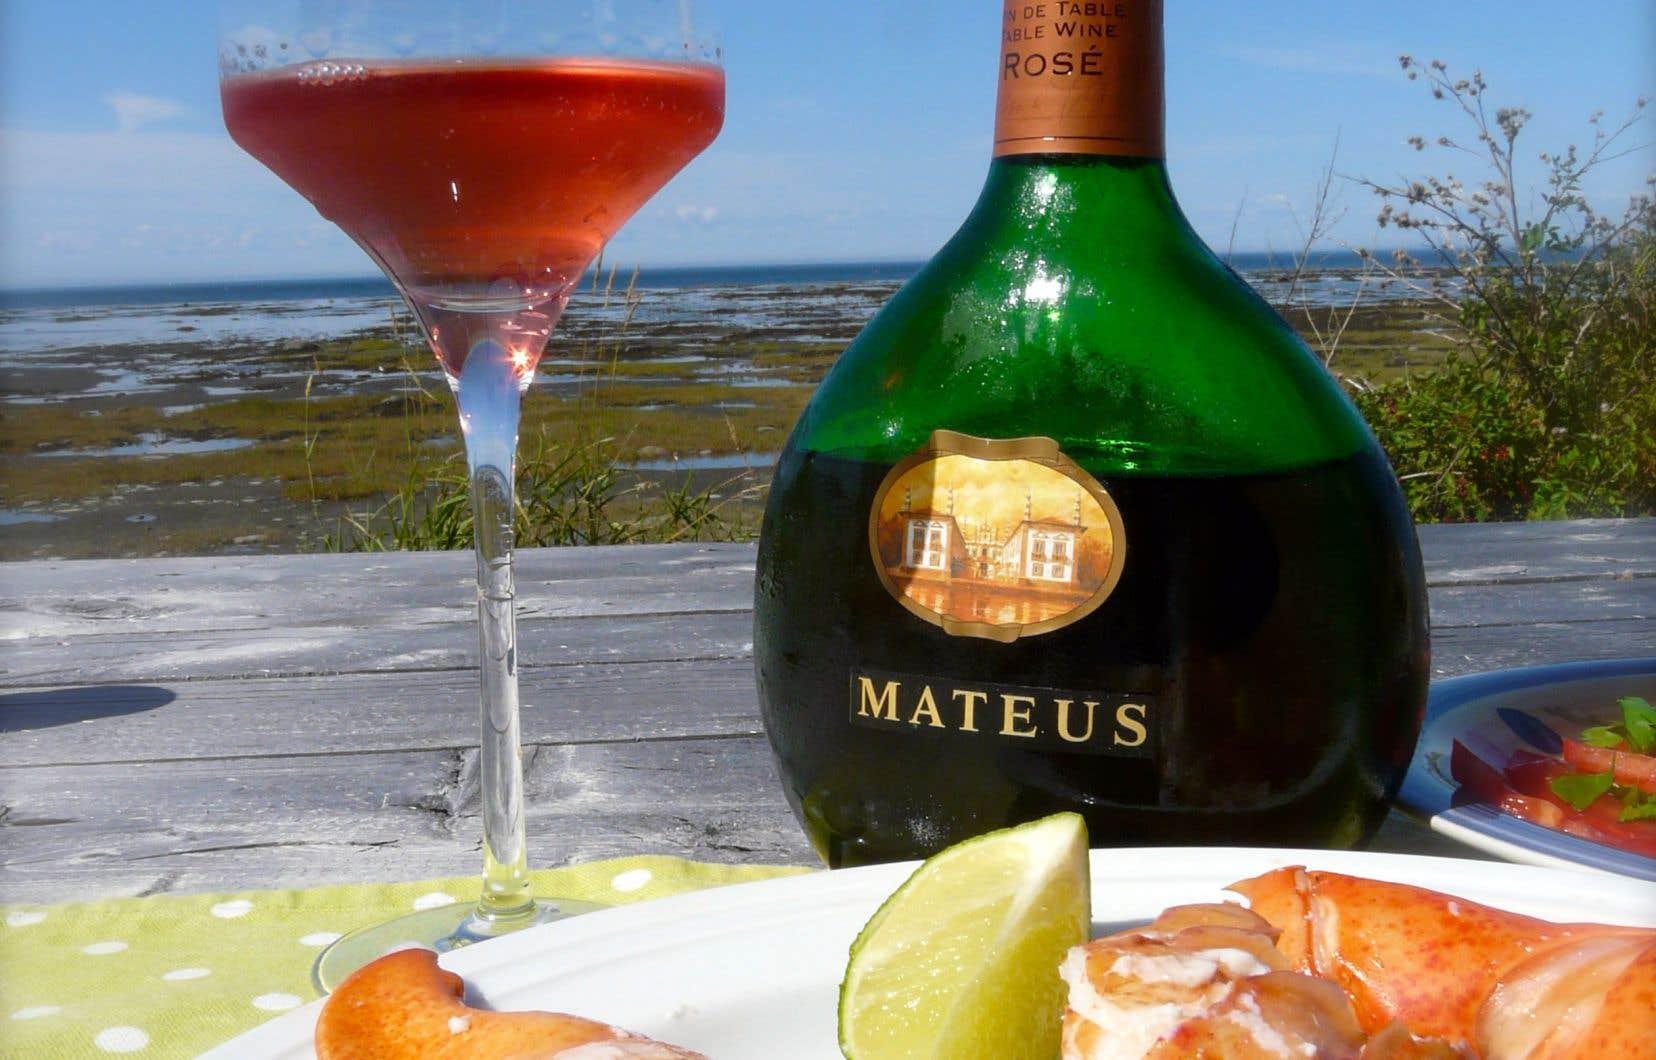 Vous me trouverez sans doute ringard et vieux schnoutte, mais je ne déteste pas du tout serrer la pince à un homard très frais servi avec un Mateus rosé portugais, lui aussi servi très frais.